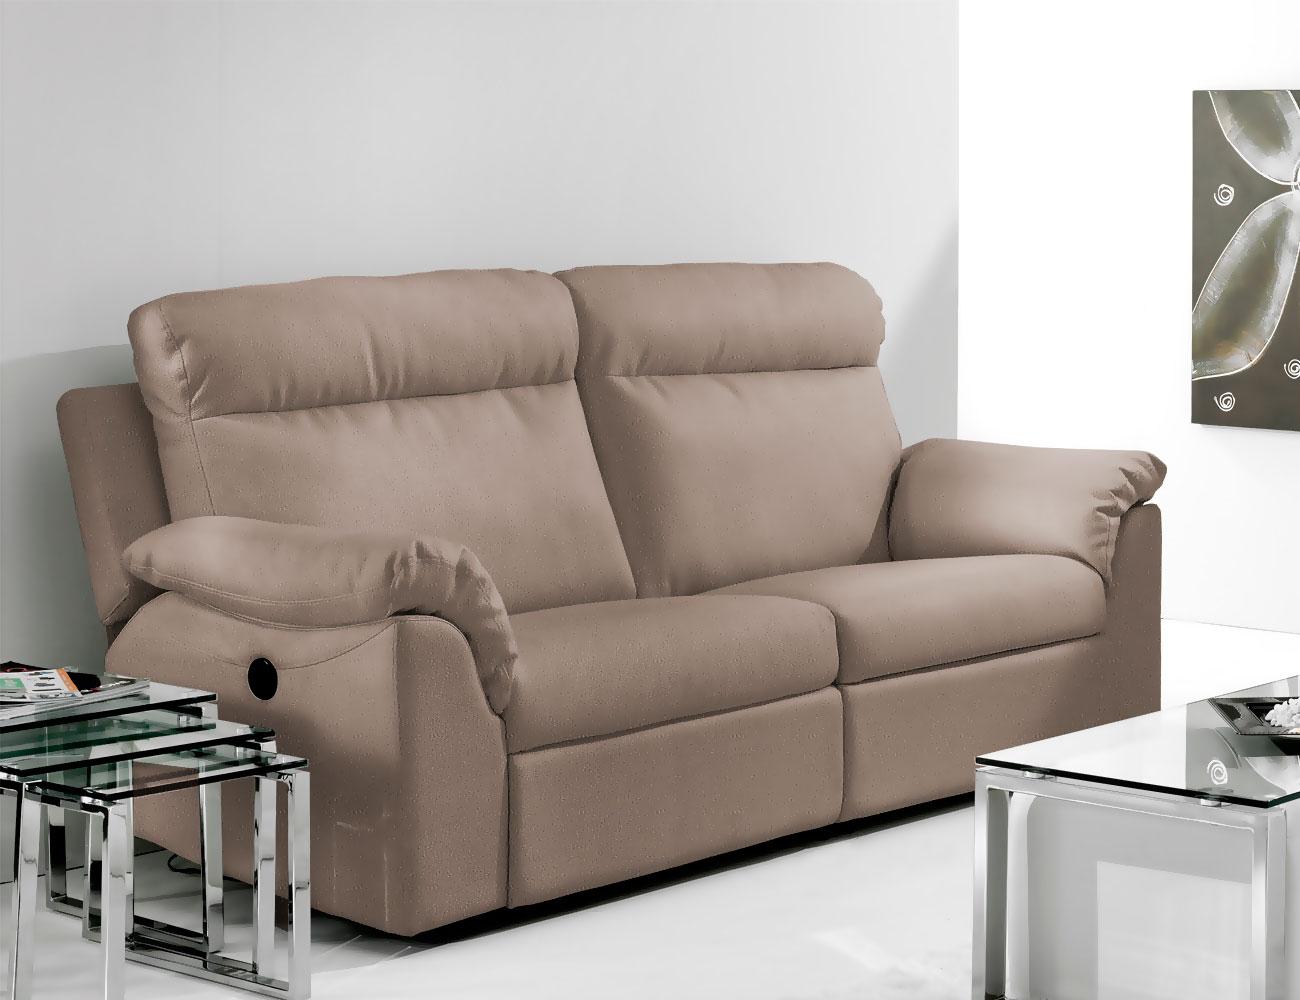 Sofa relax dos motores electrico moka1